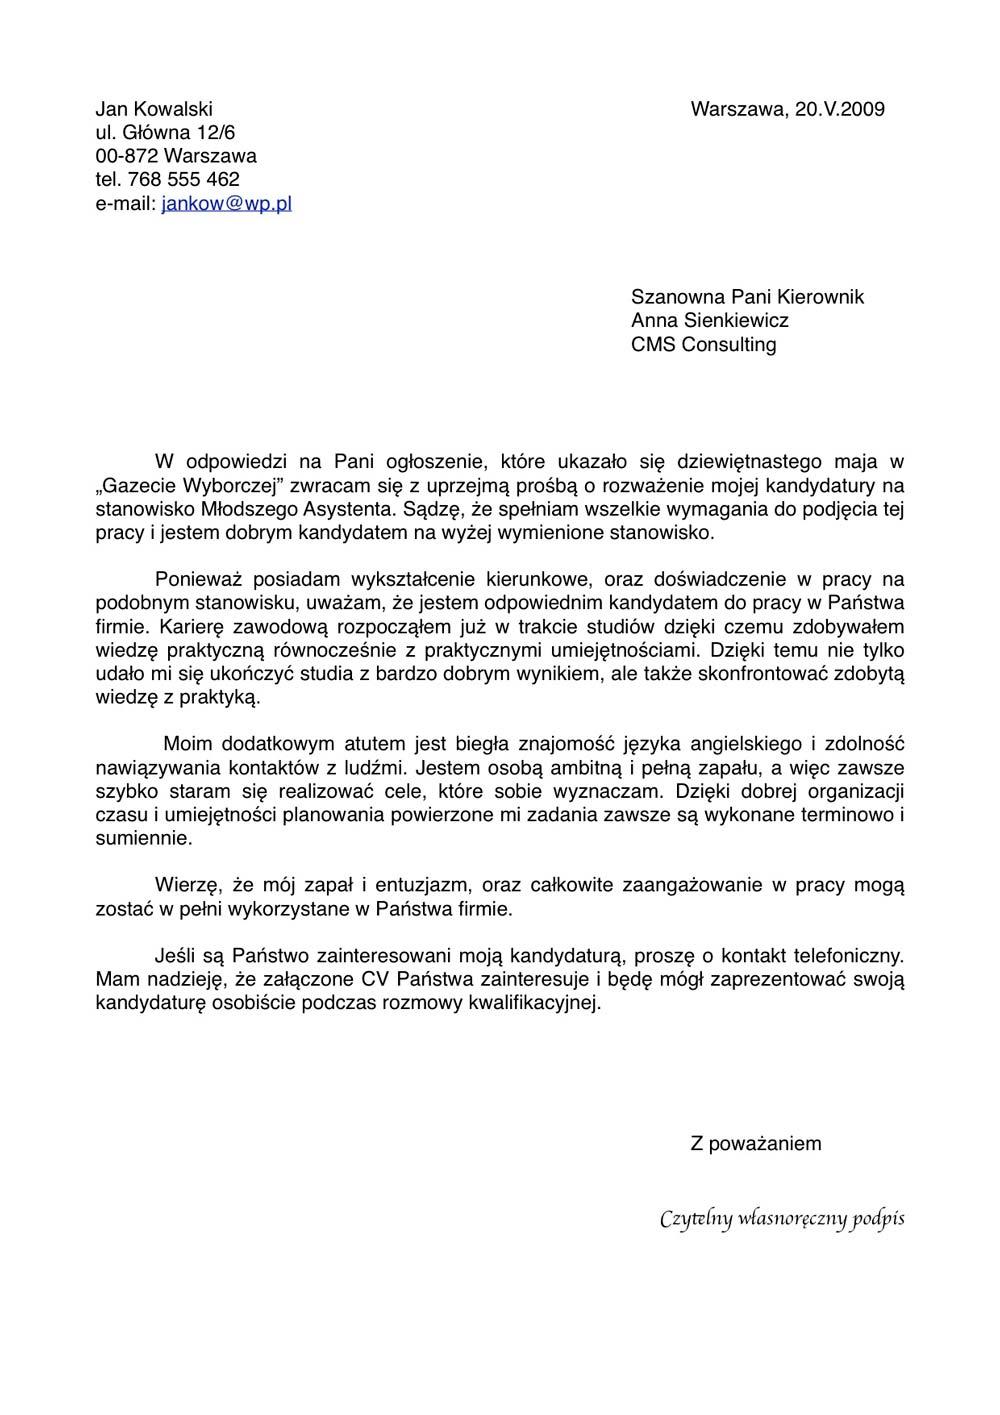 List Motywacyjny Do Pobrania Doc Pdf Jpg Za Darmo